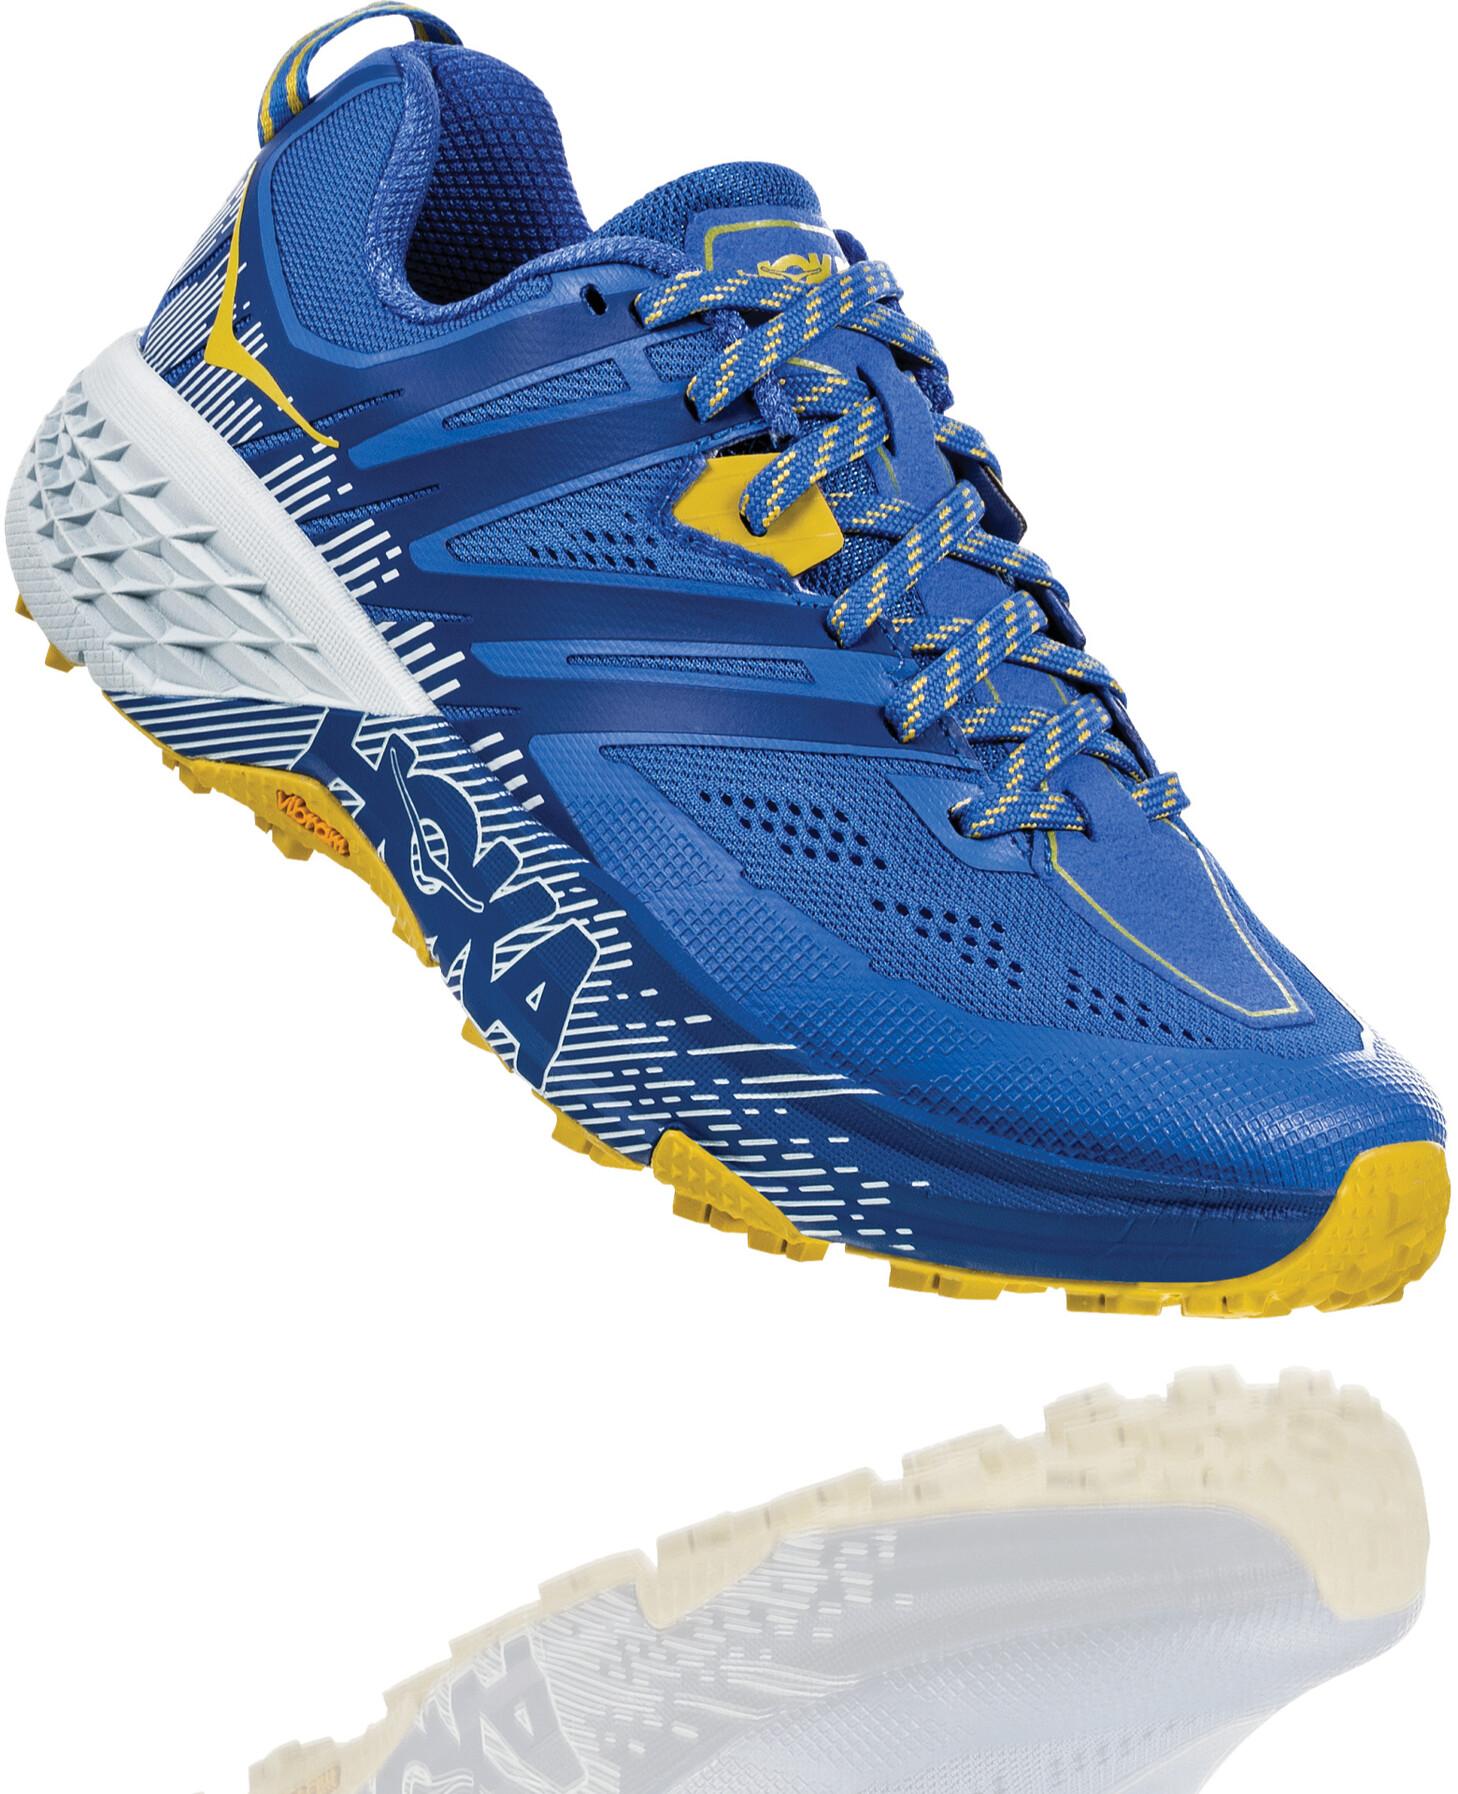 Hoka One One Speedgoat 3 Løbesko Damer, palace blue/bamboo (2019) | Running shoes